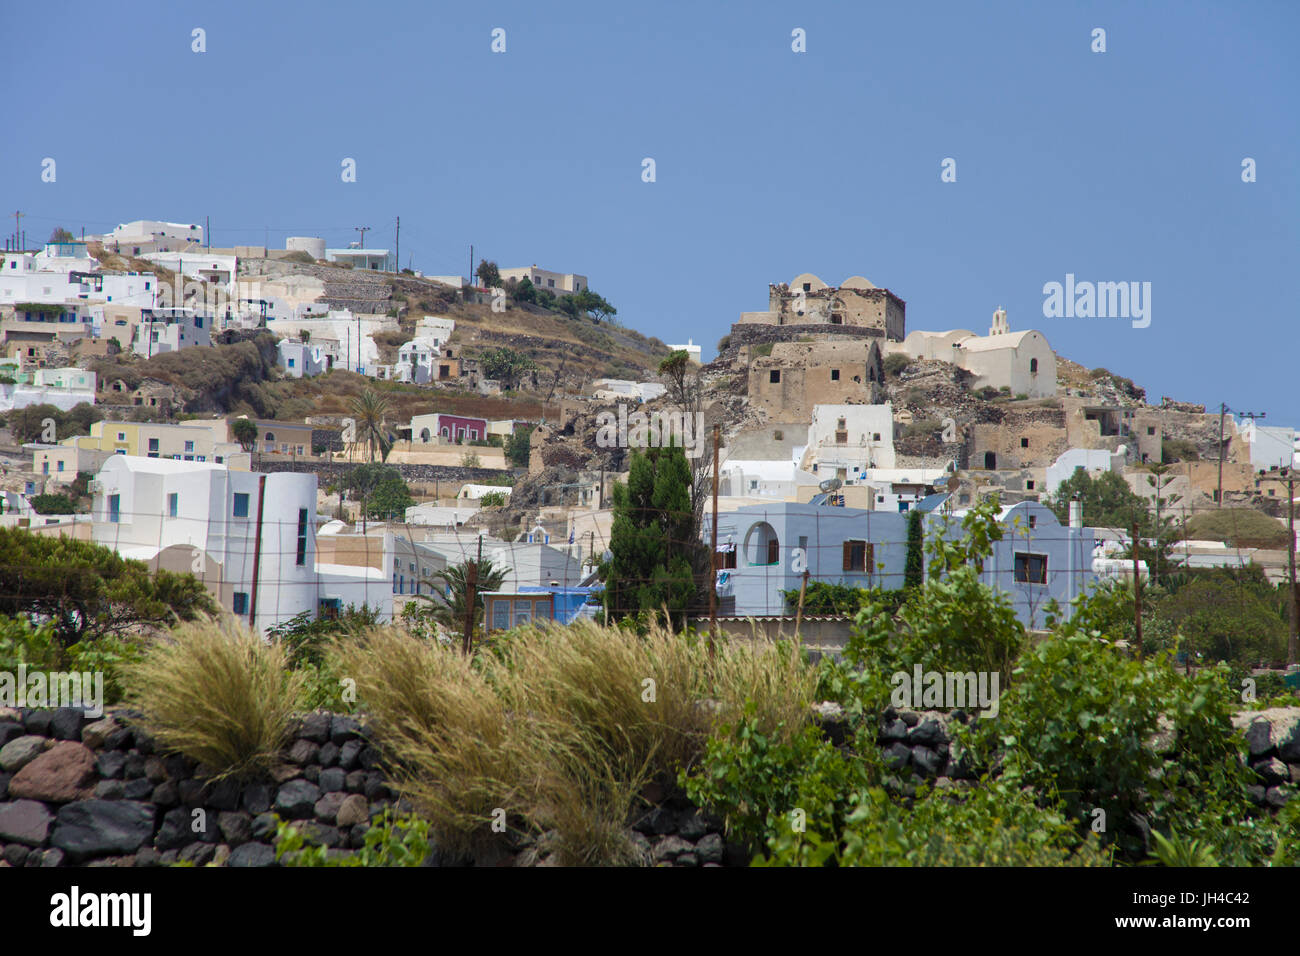 Das Dorf Akrotiri, Santorin, Kykladen, Aegaeis, Griechenland, Mittelmeer, Europa | The village Akrotiri, Santorini, - Stock Image